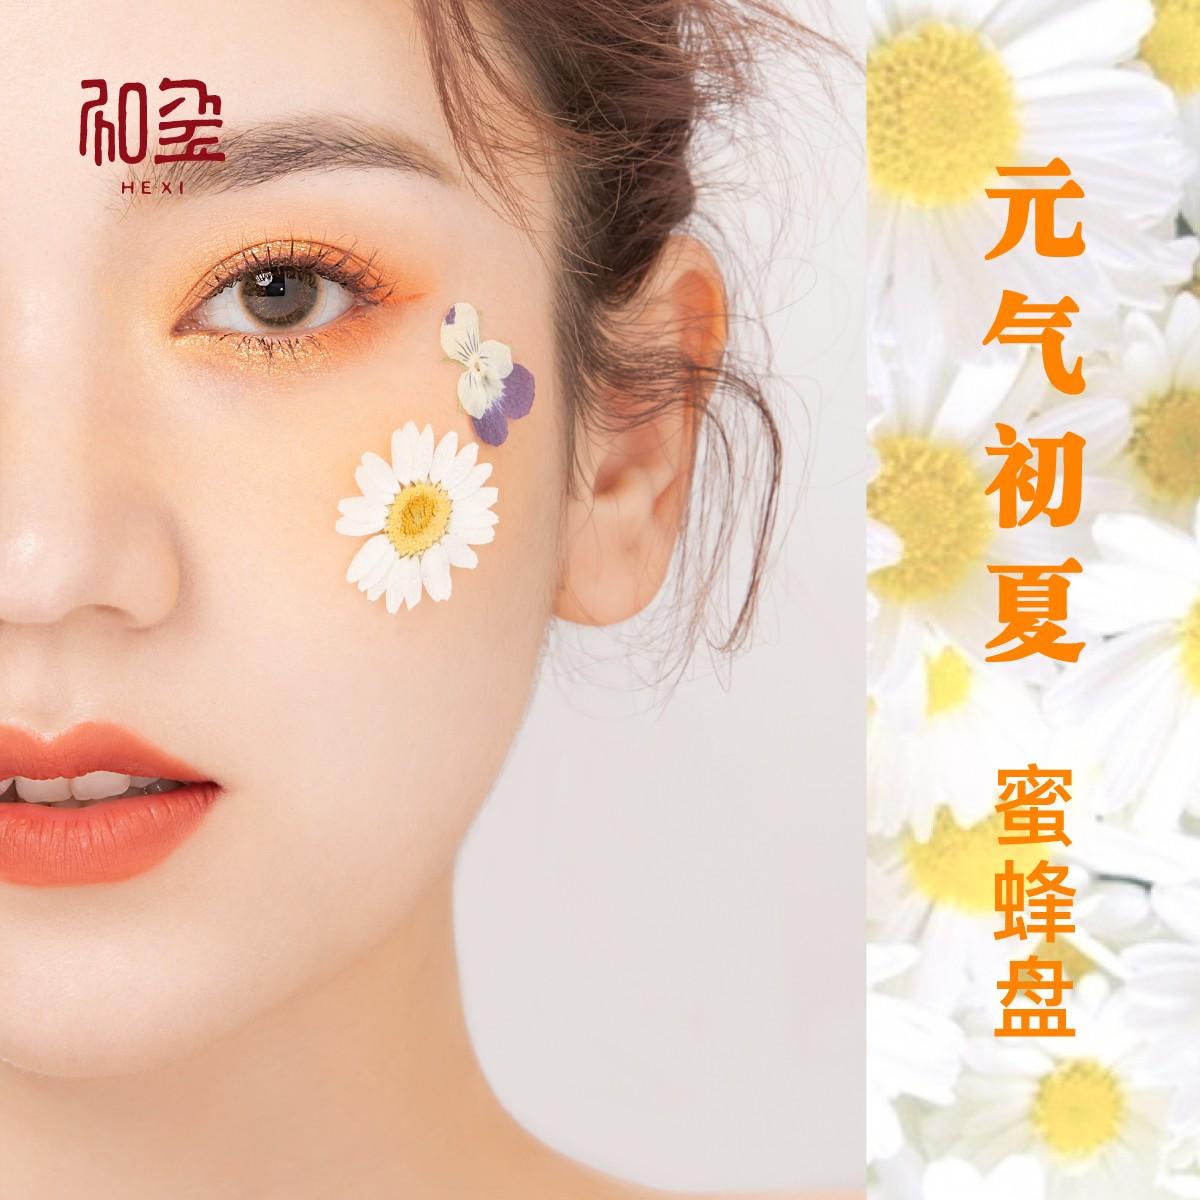 【和玺彩妆】夏日探花综合盘便携眼影